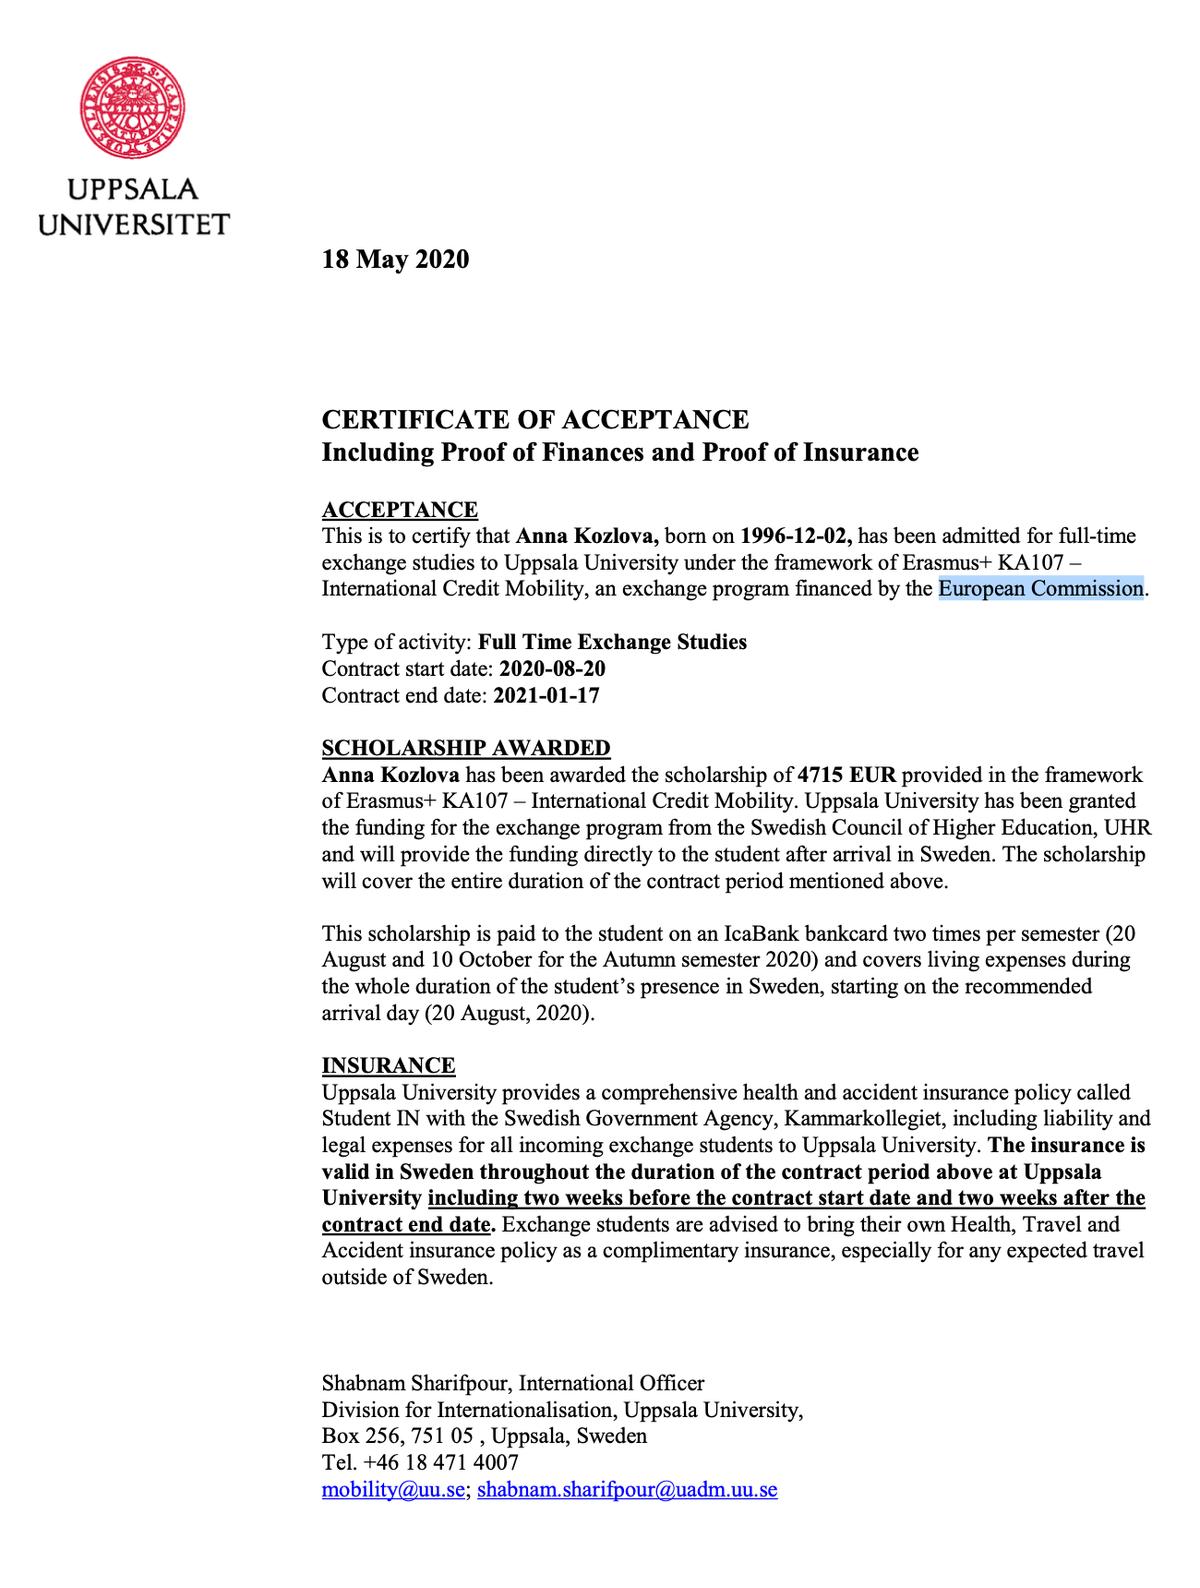 Сертификат, подтверждающий, что меня приняли в Уппсальский университет как студента по обмену